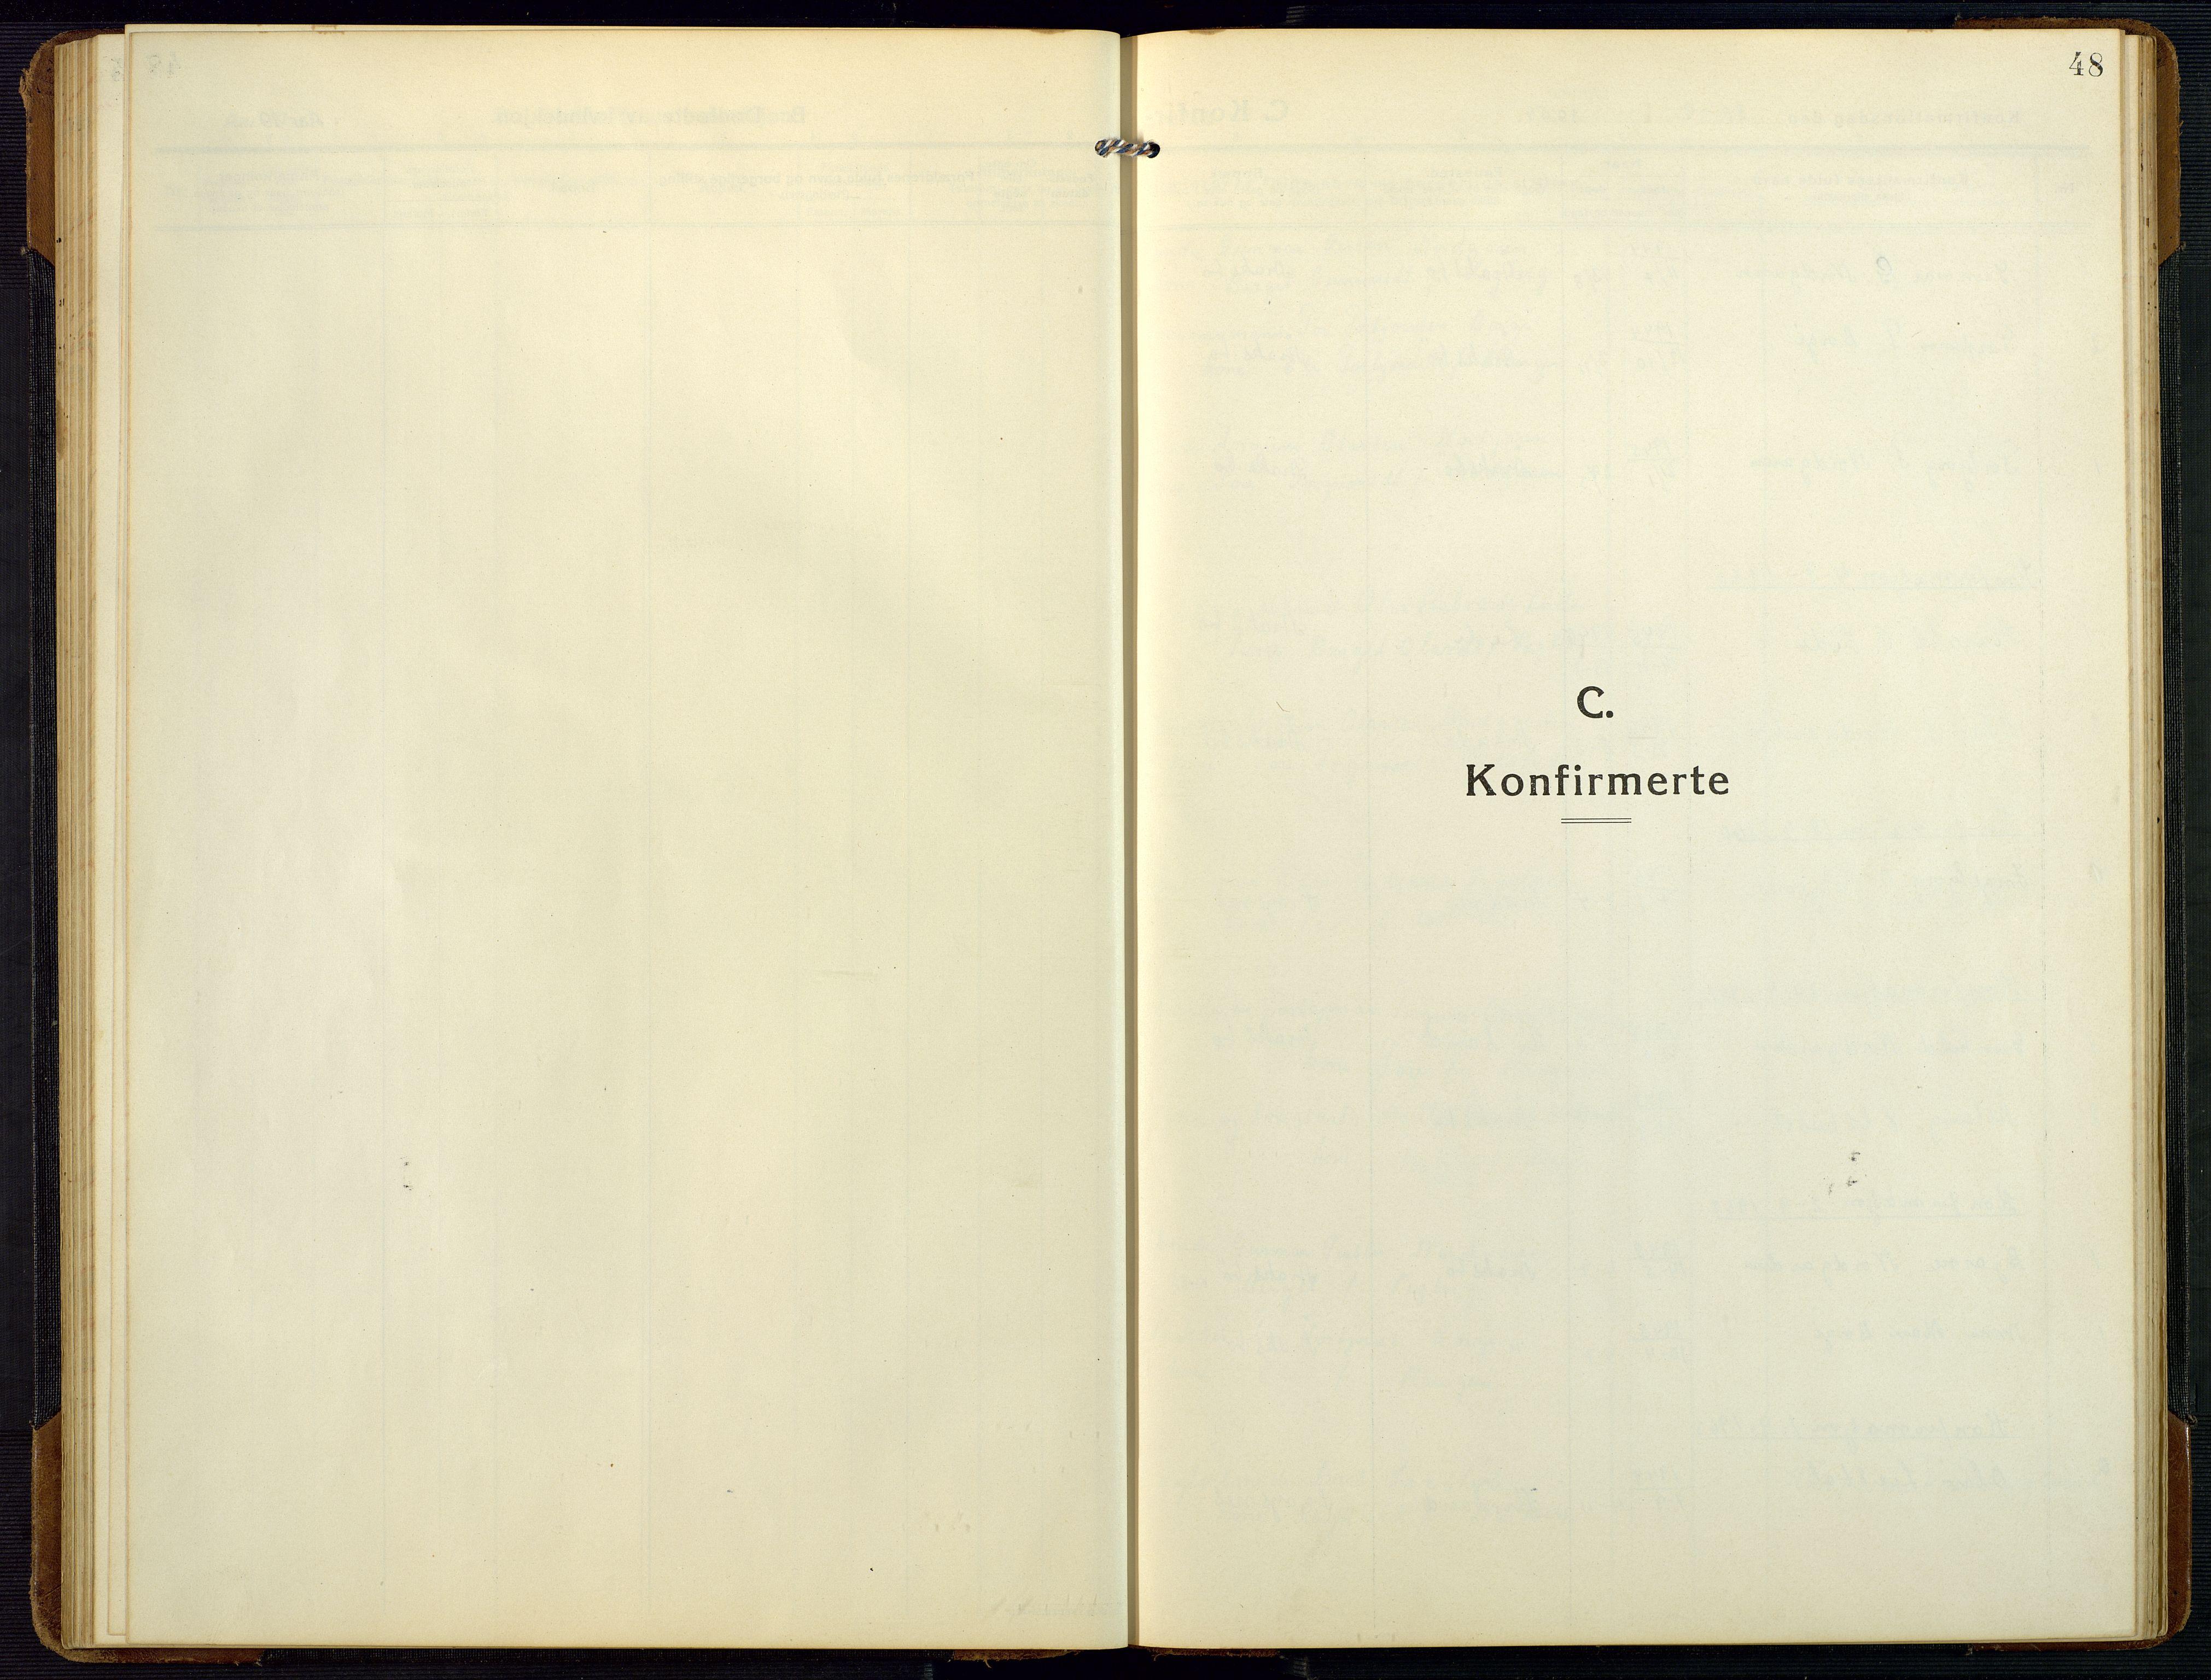 SAK, Bygland sokneprestkontor, F/Fb/Fbc/L0003: Klokkerbok nr. B 3, 1916-1975, s. 48